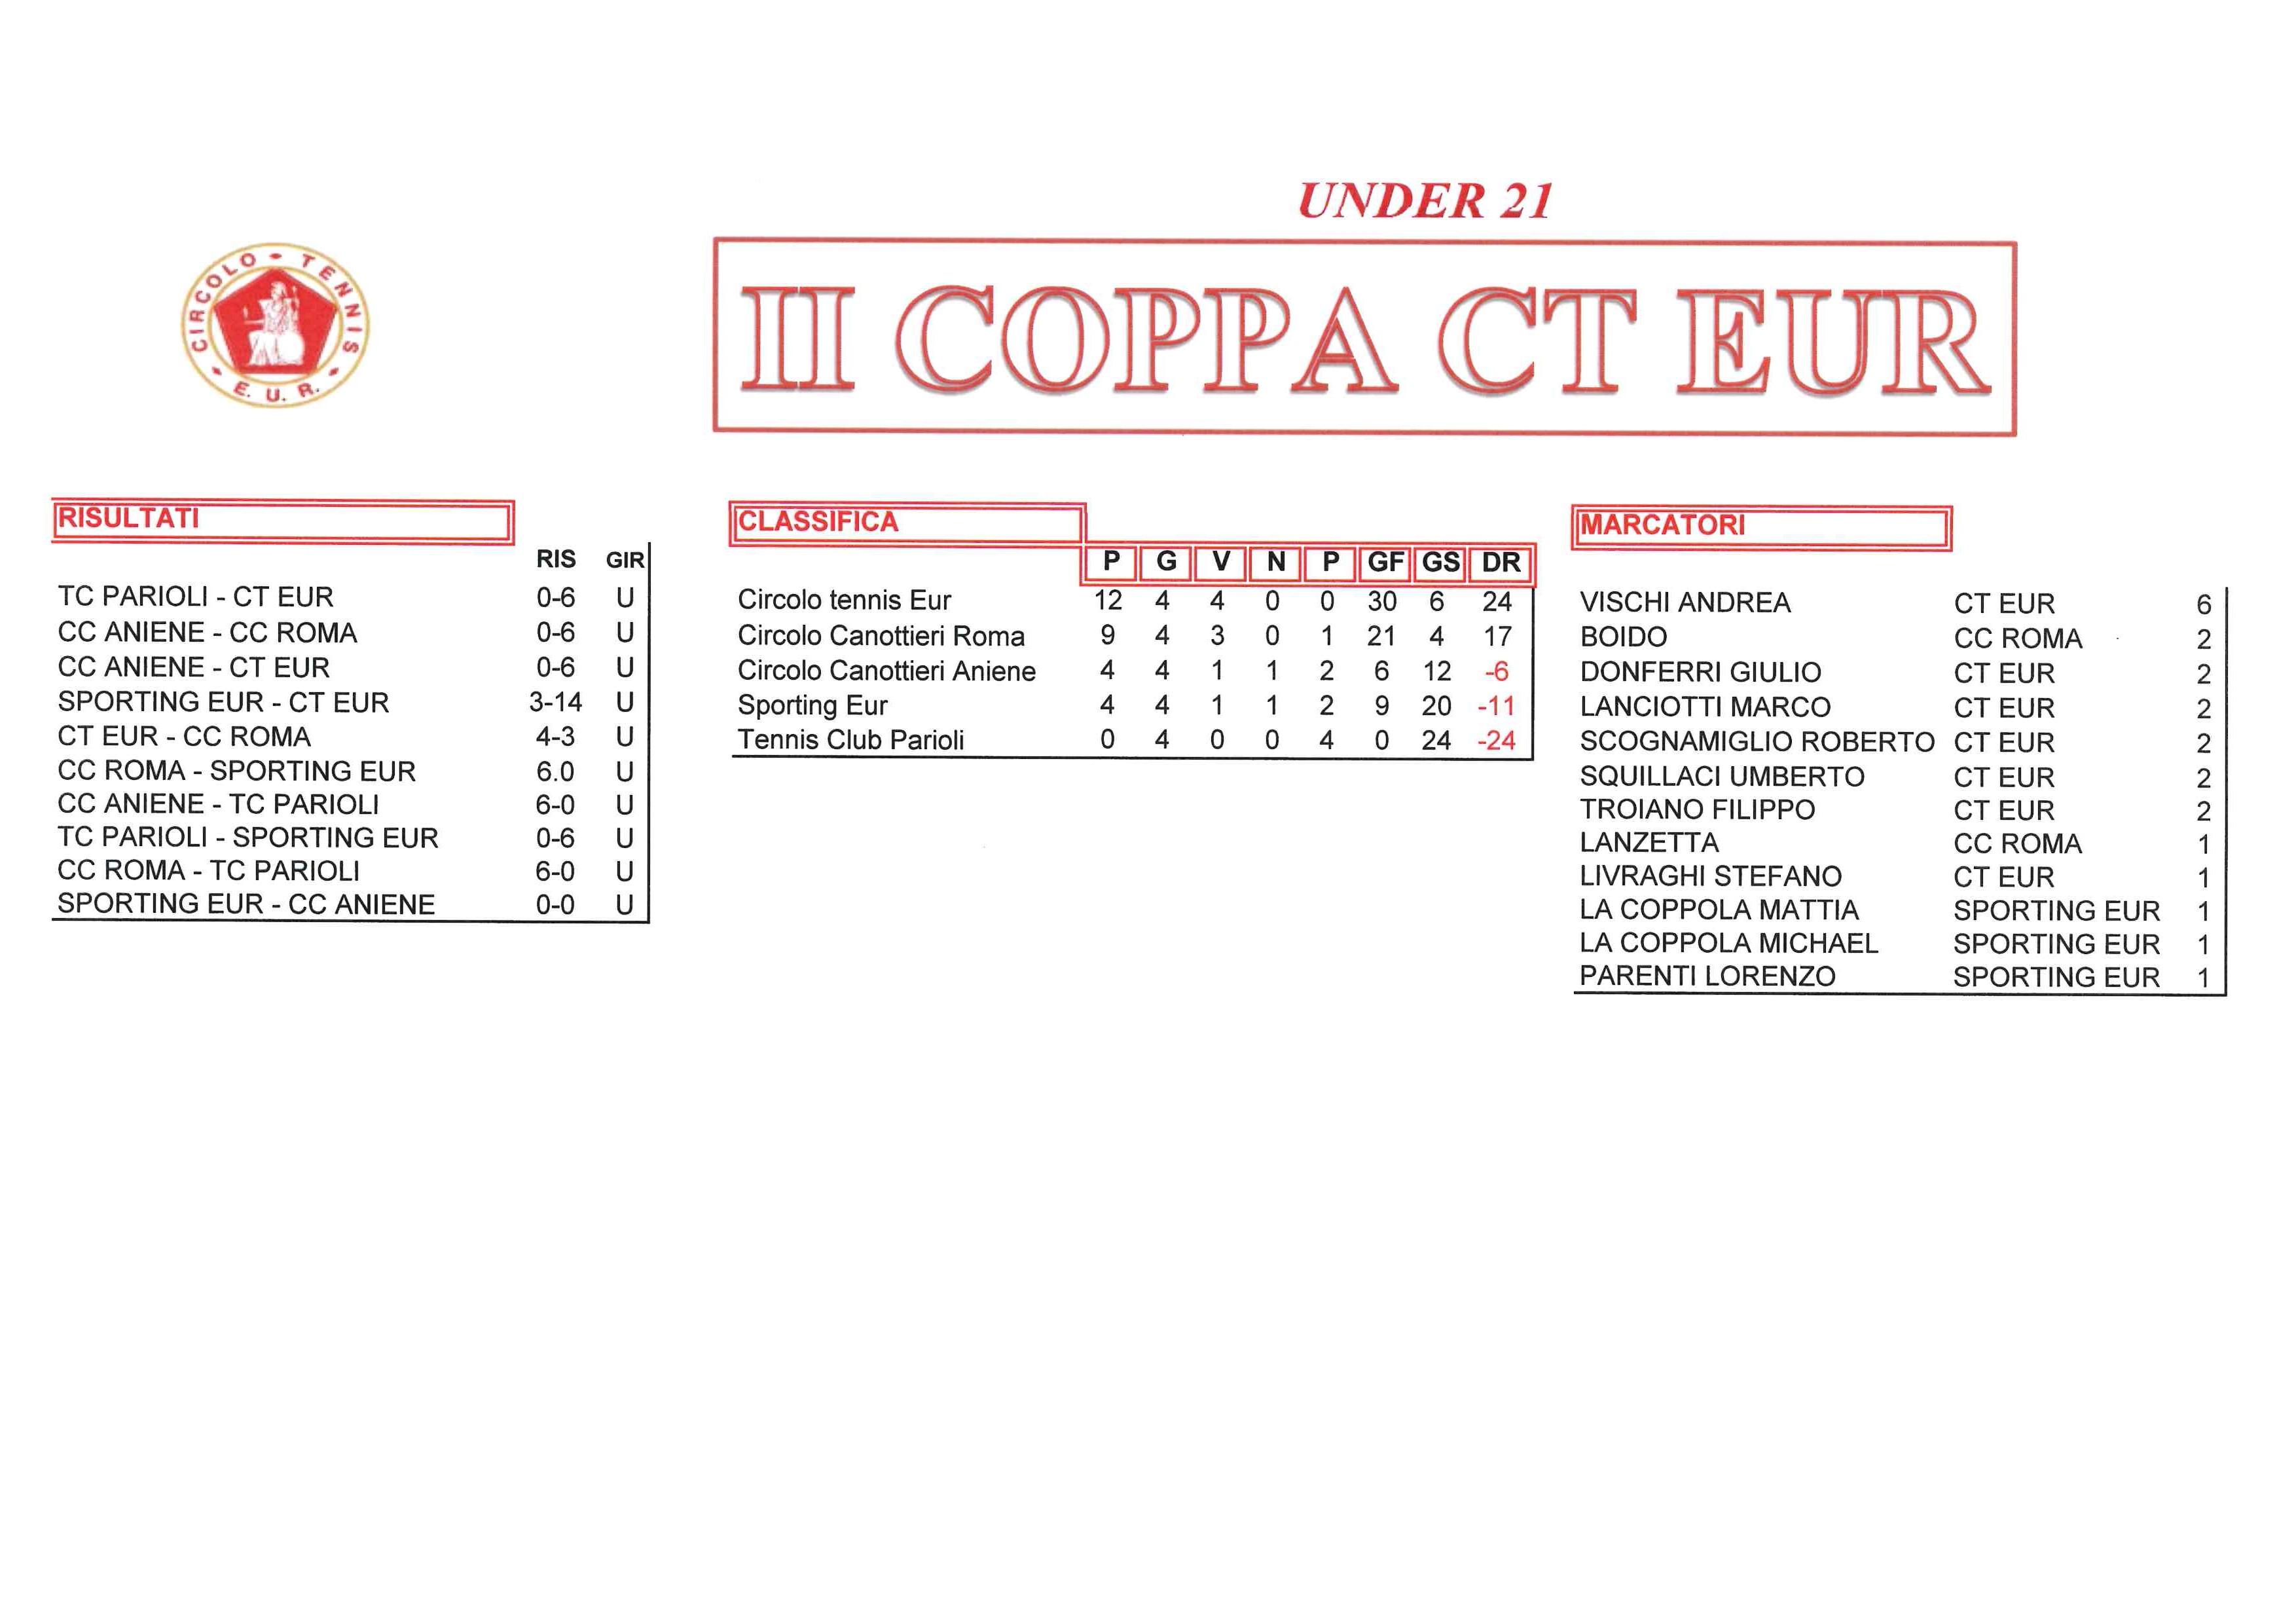 coppa-CT-Eur-risultati-del-4-ottobre-2017-Under-21